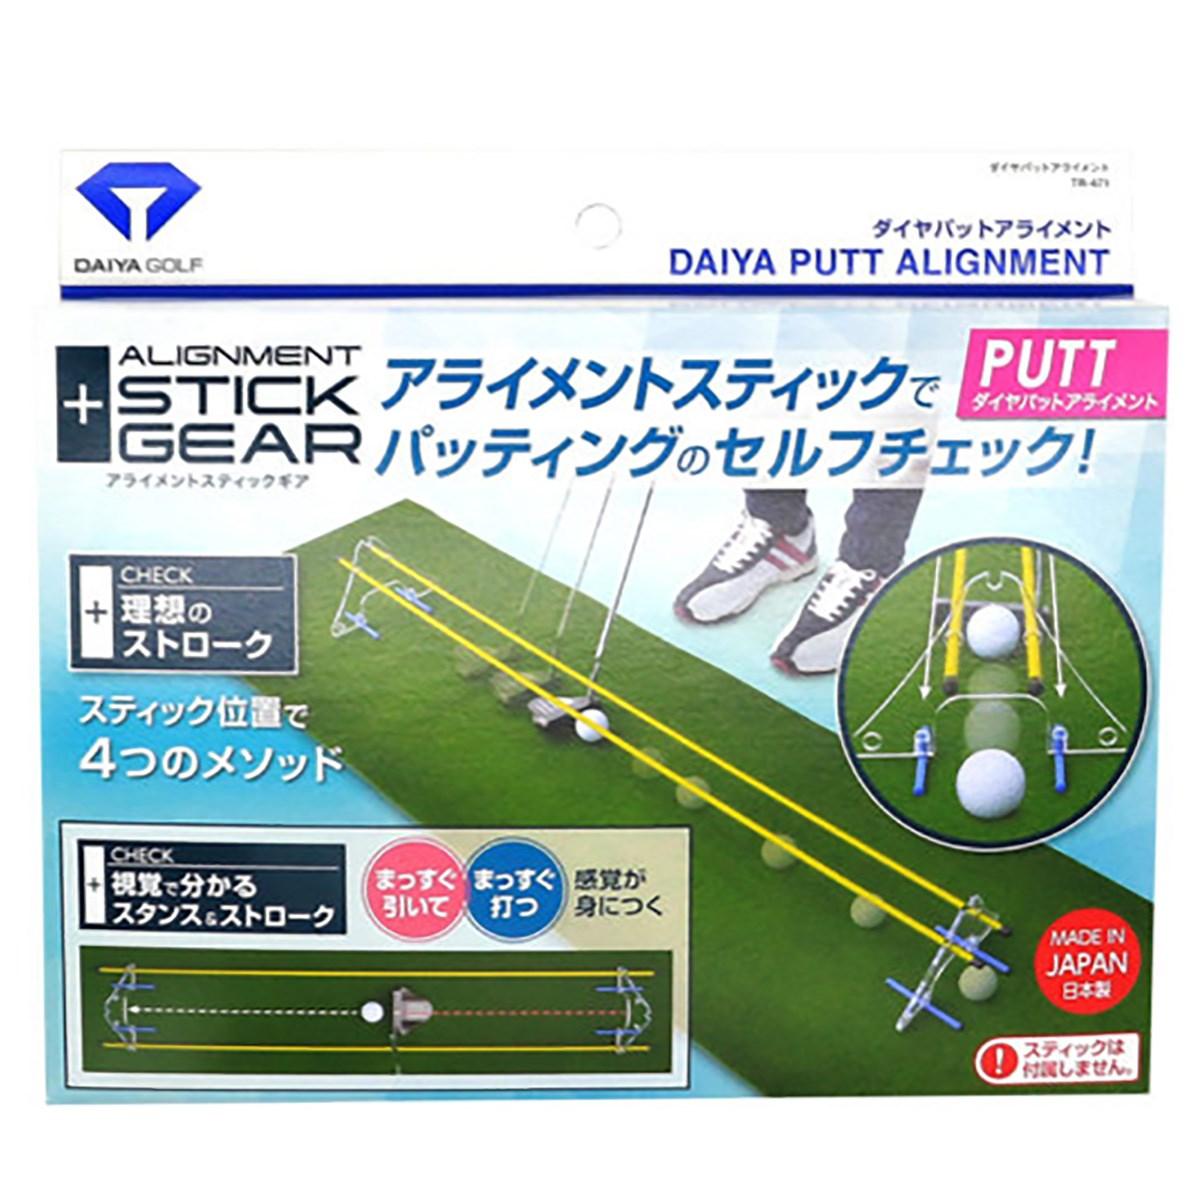 ダイヤゴルフ ダイヤパットアライメント